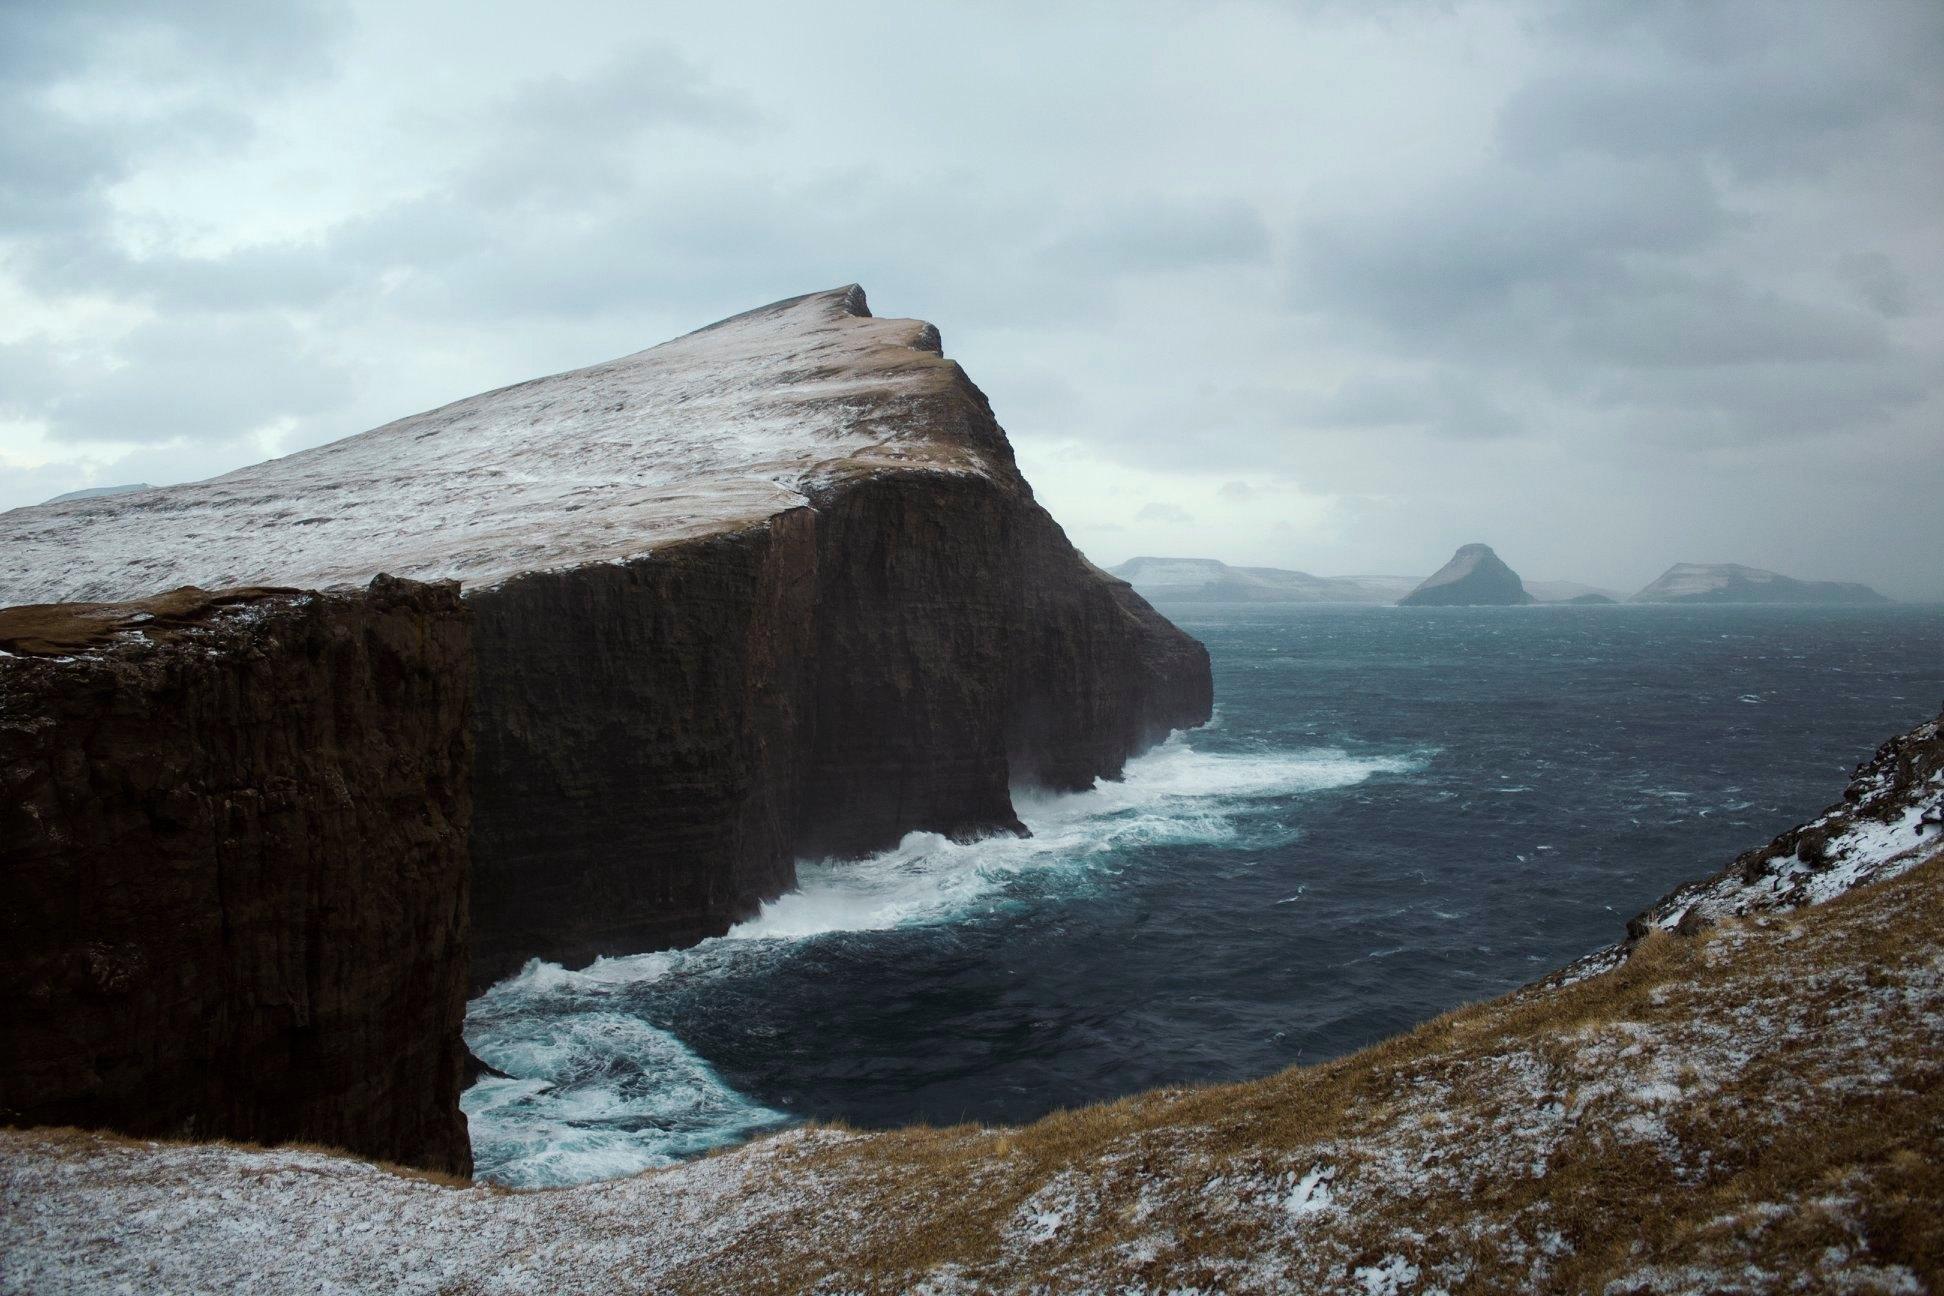 Ostrov Vagar - Faerské ostrovy - Útes otrokov - Bøsdalafossur